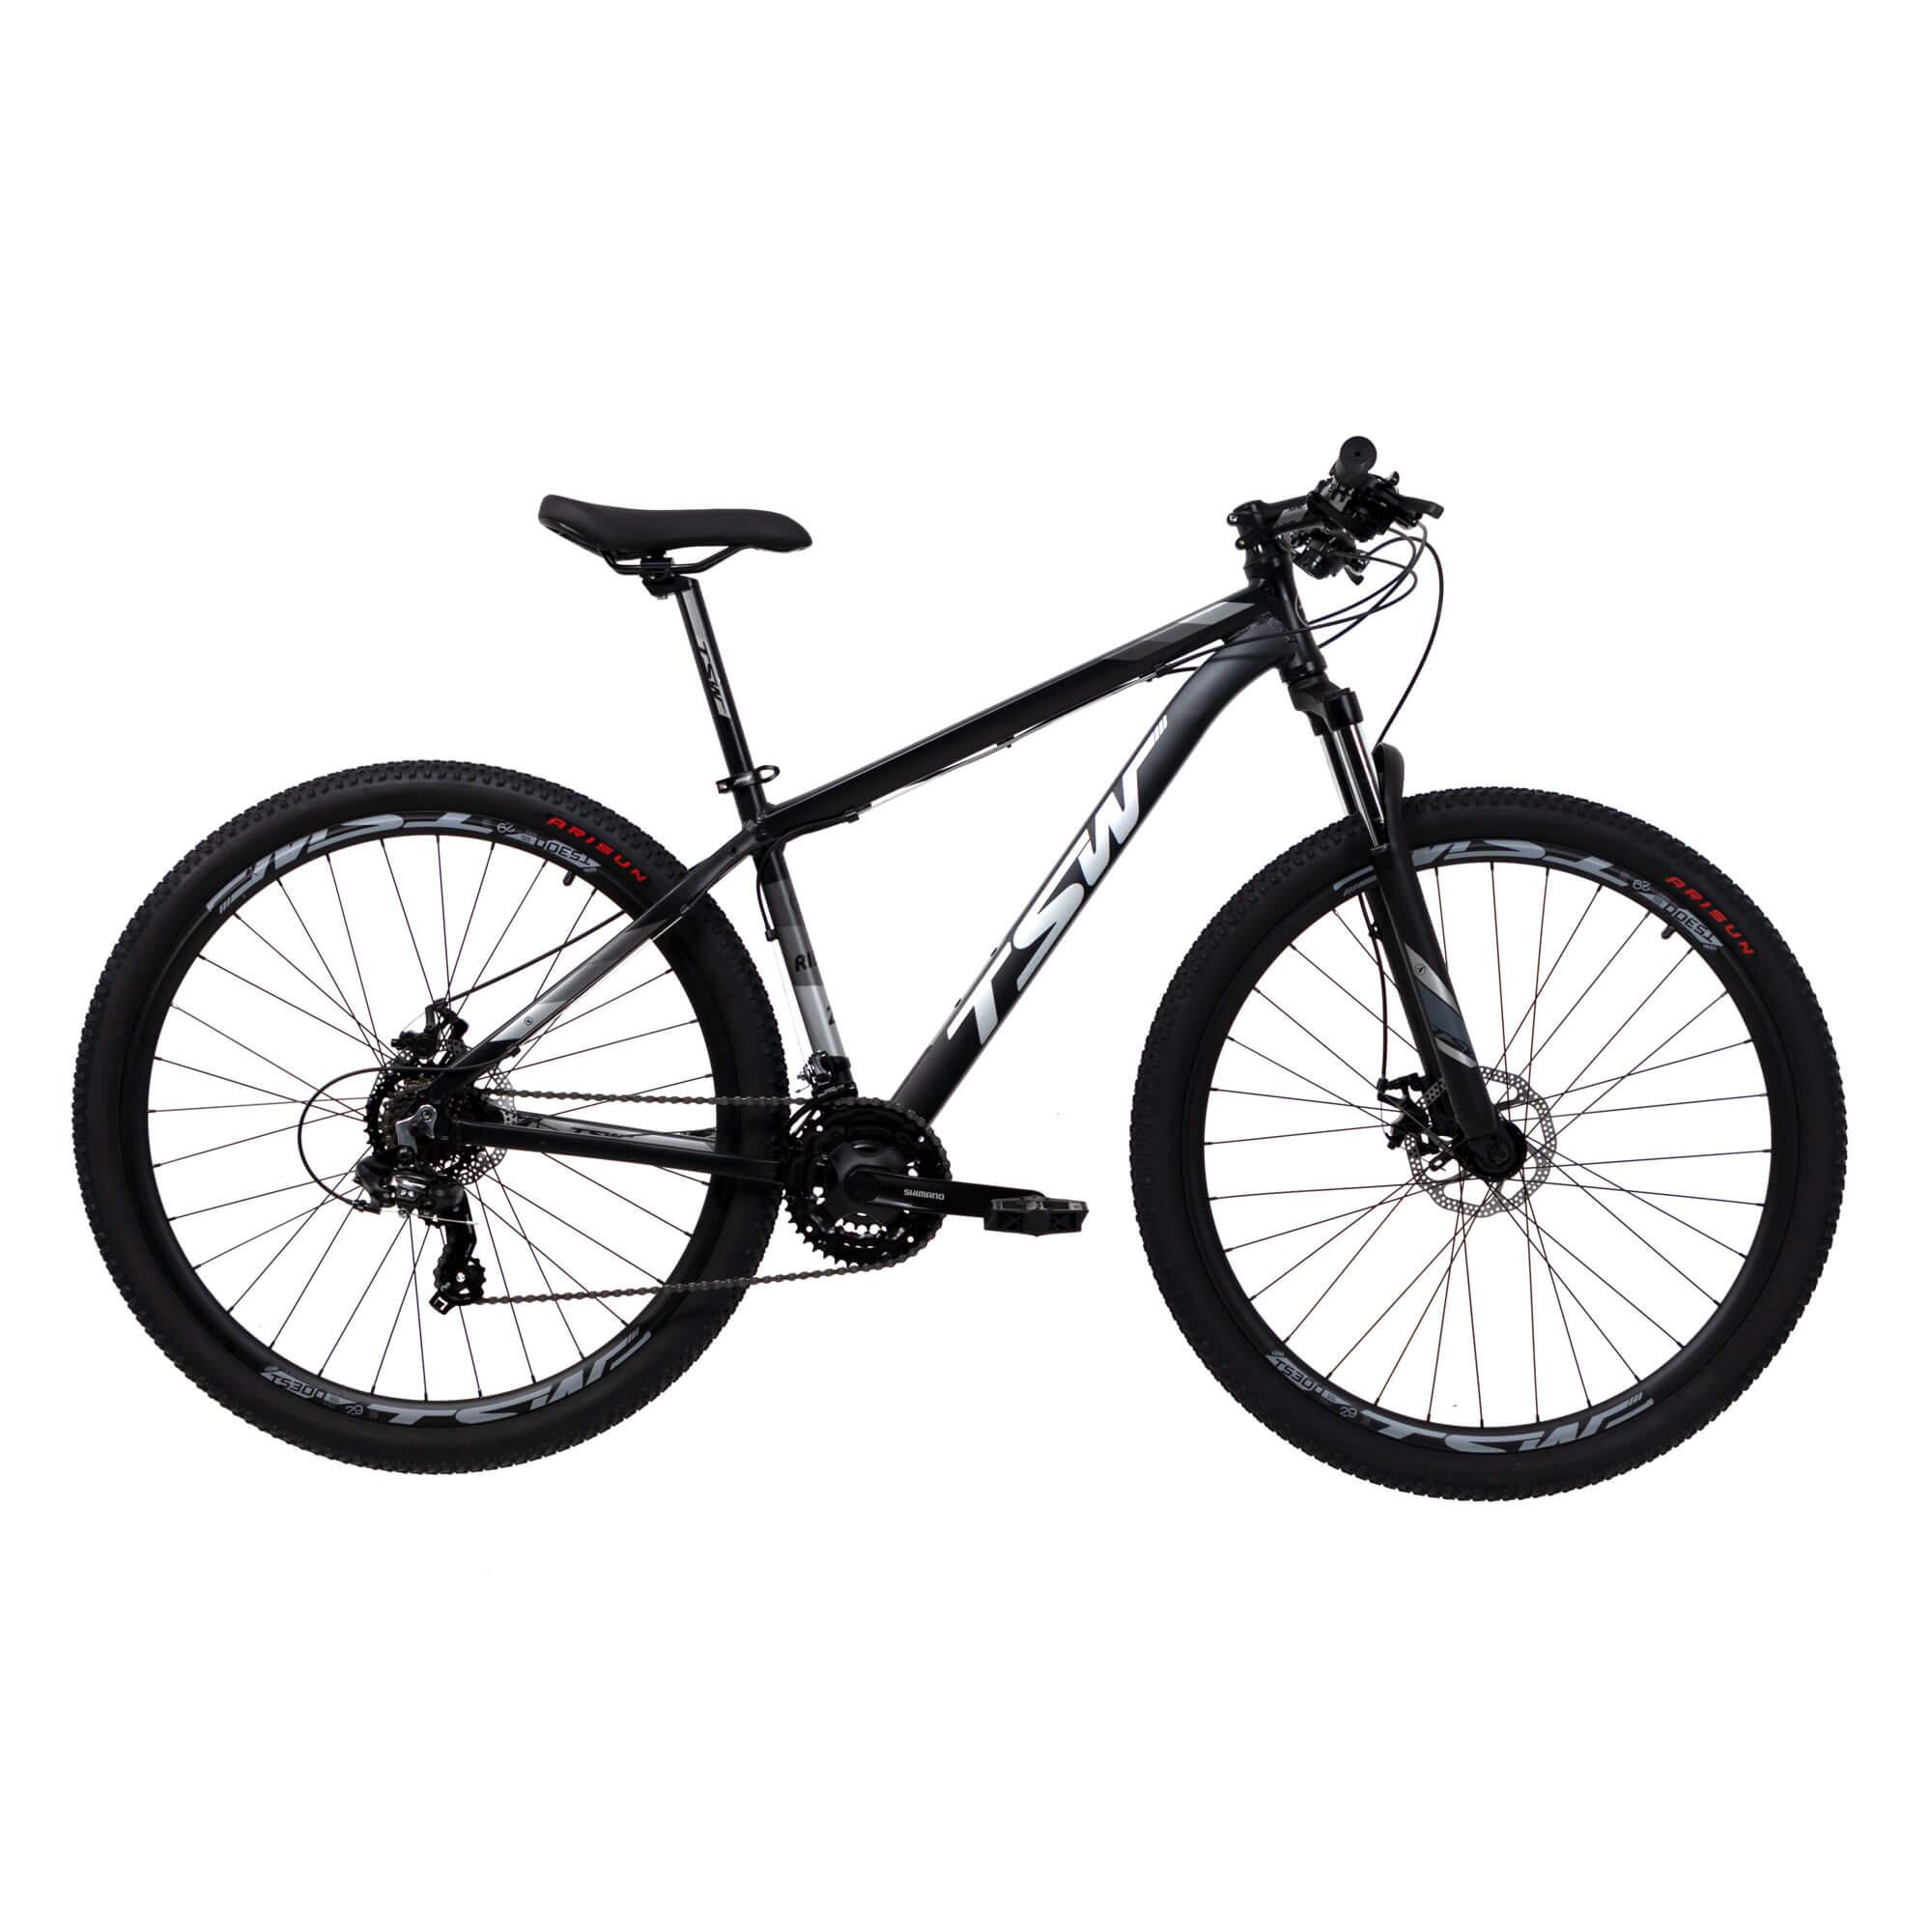 11175-1179-11183-ride-preta